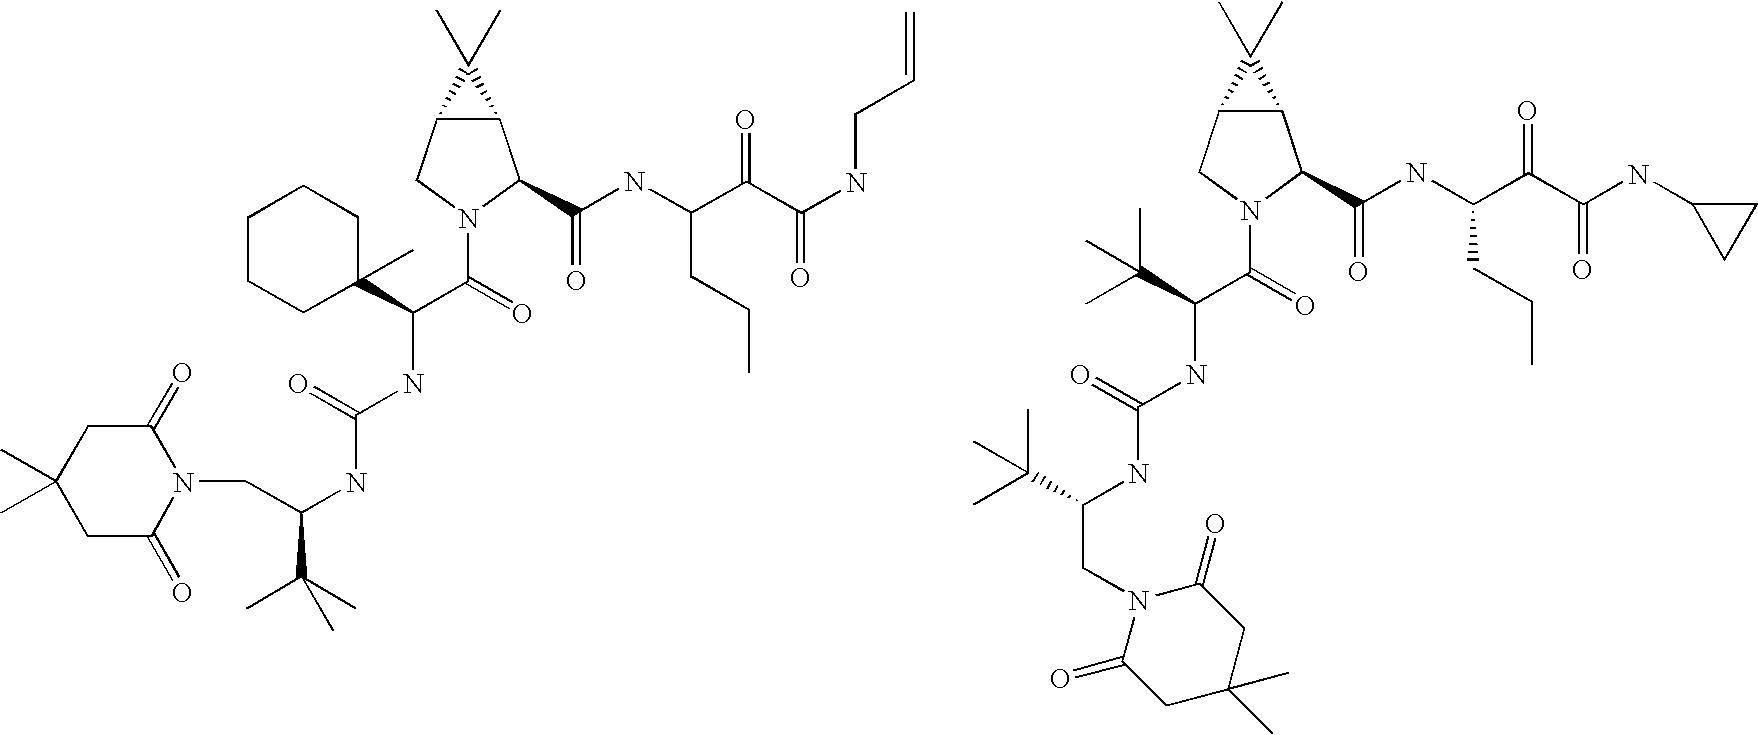 Figure US20060287248A1-20061221-C00436